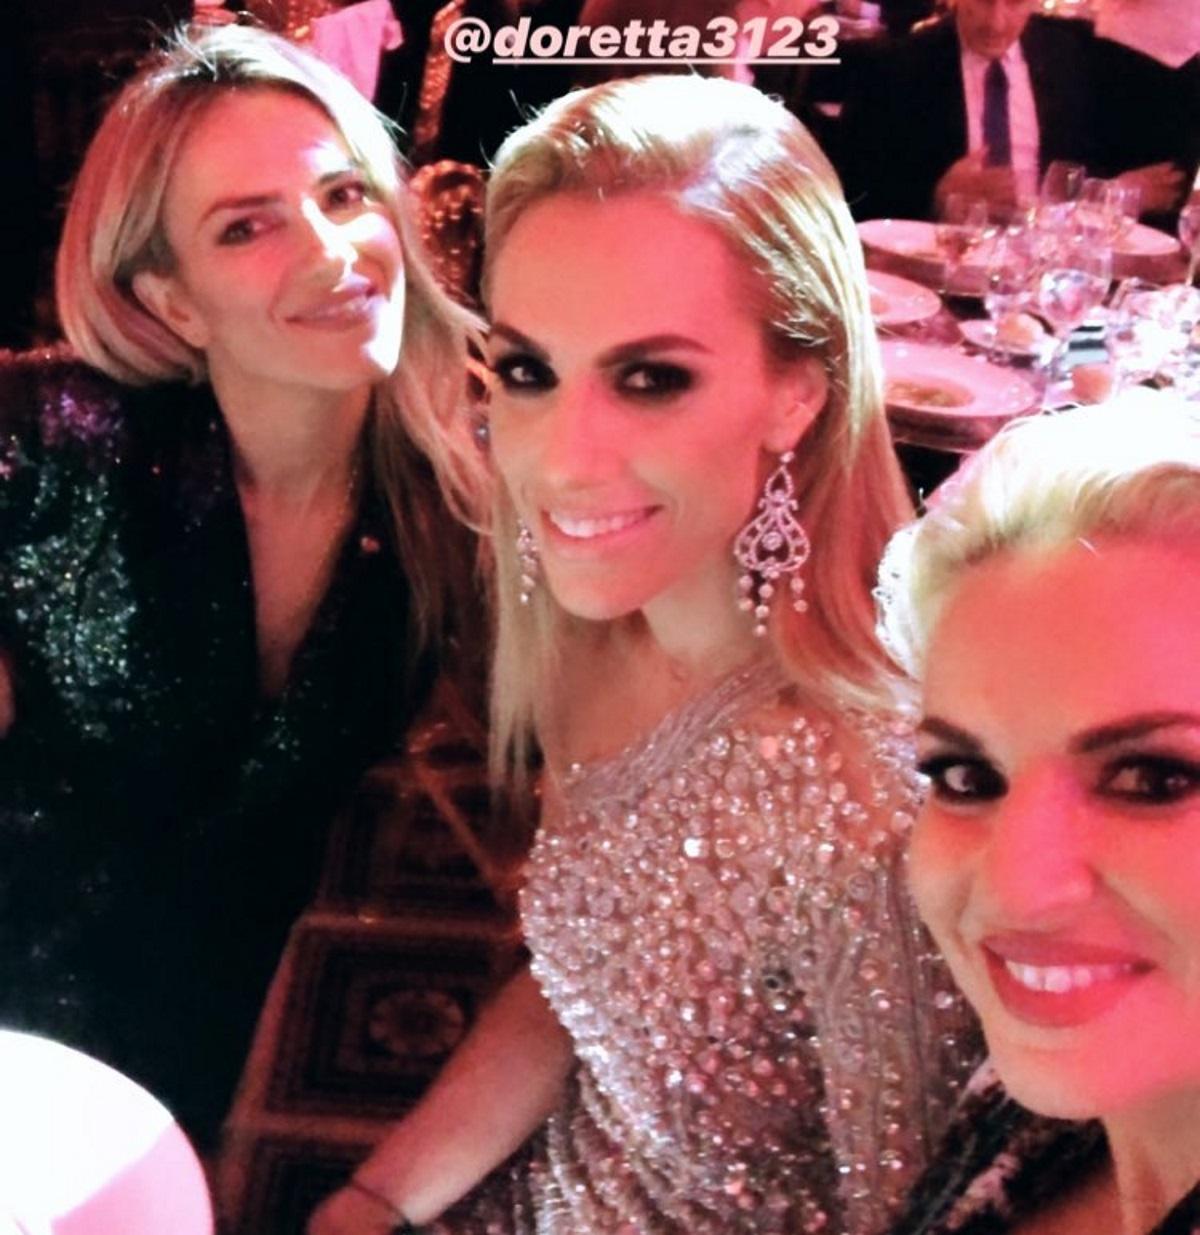 Ντορέττα Παπαδημητρίου: Η glamorous εμφάνιση της ηθοποιού σε βραβεία της Κύπρου! [pics,video] | tlife.gr